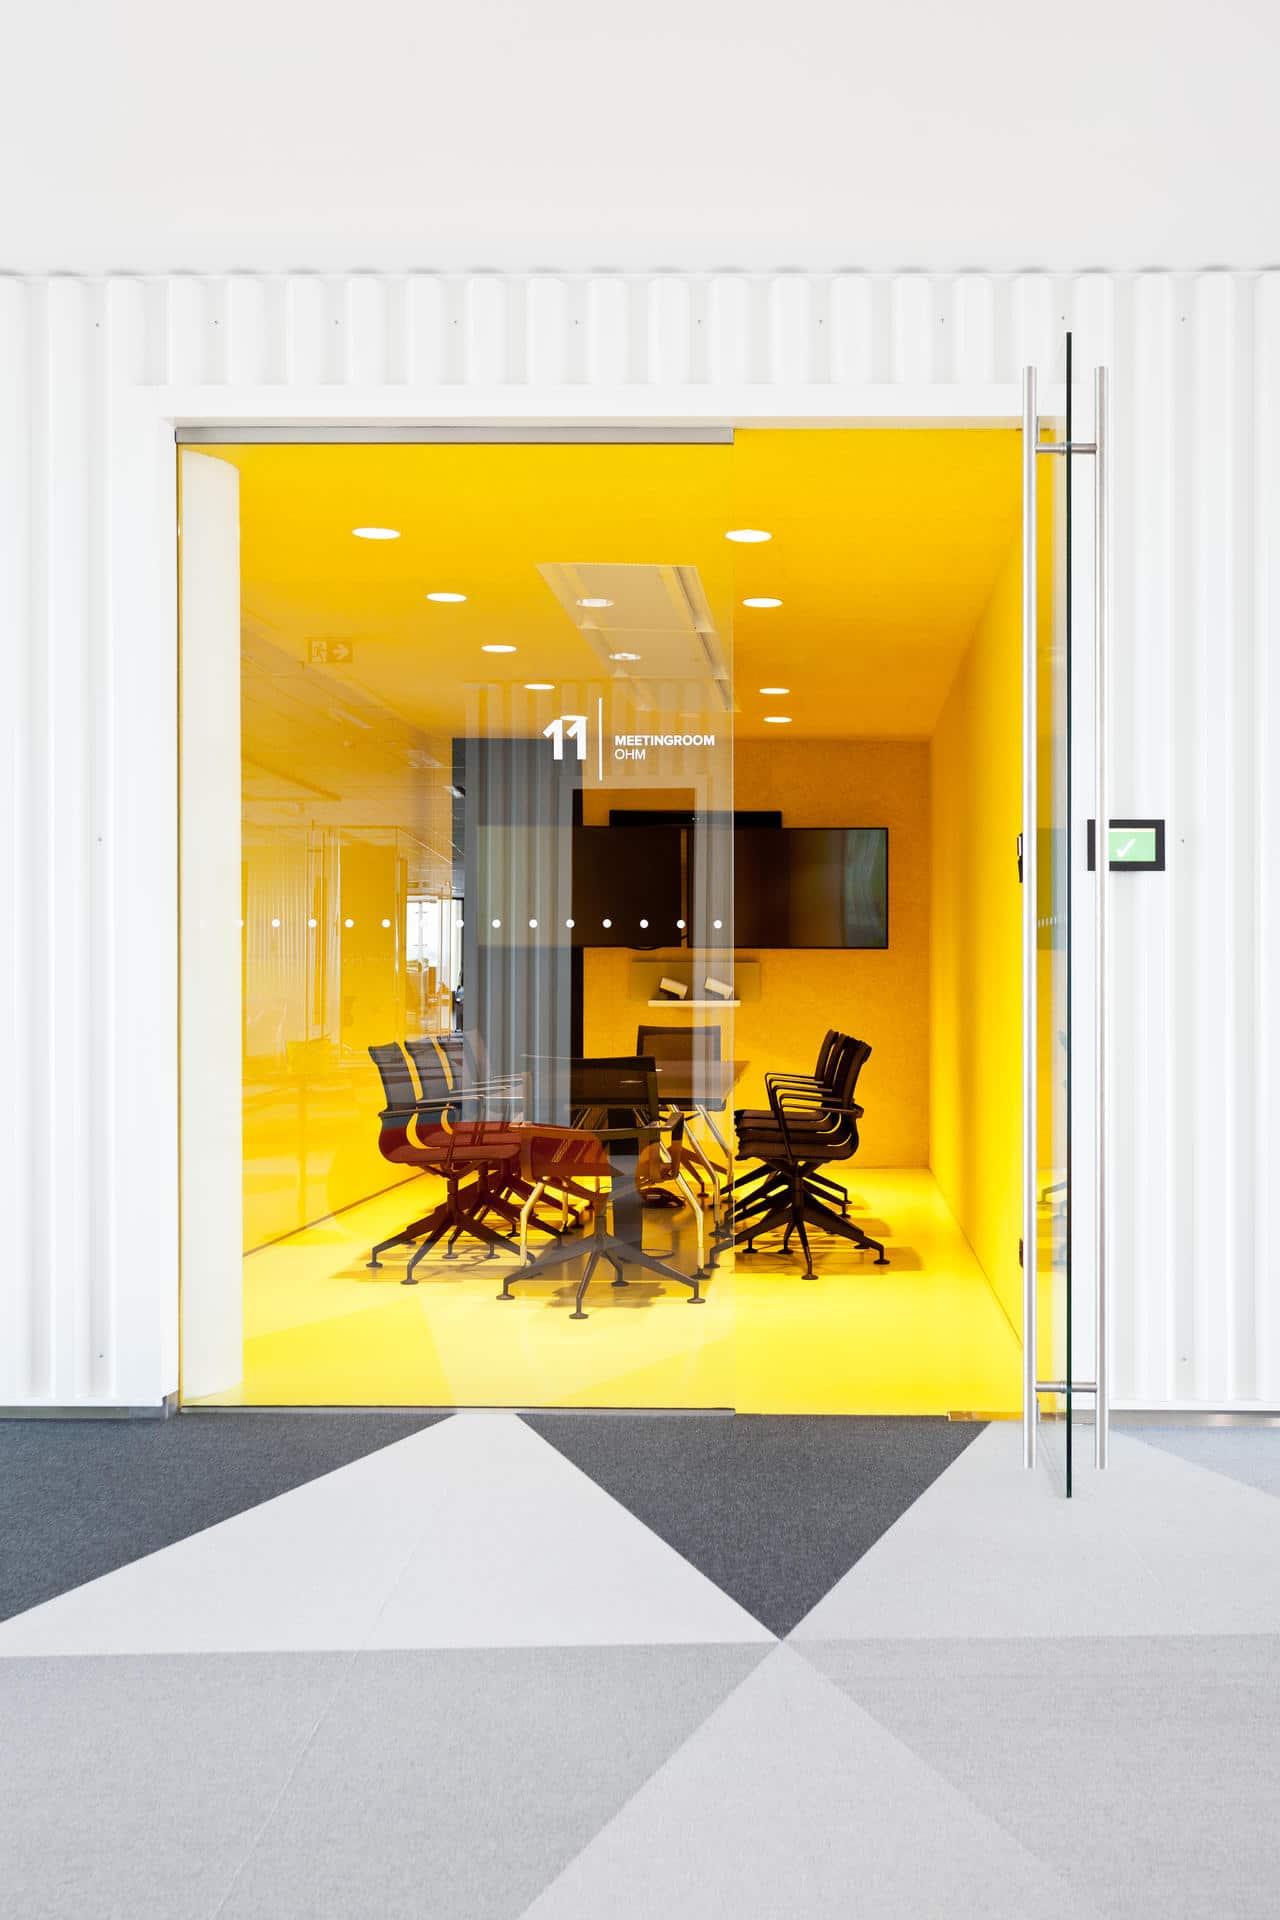 Een afbeelding van een akoestische werkplek op Akoestiekspecialist genaamd BuzziSpace BuzziSkin.